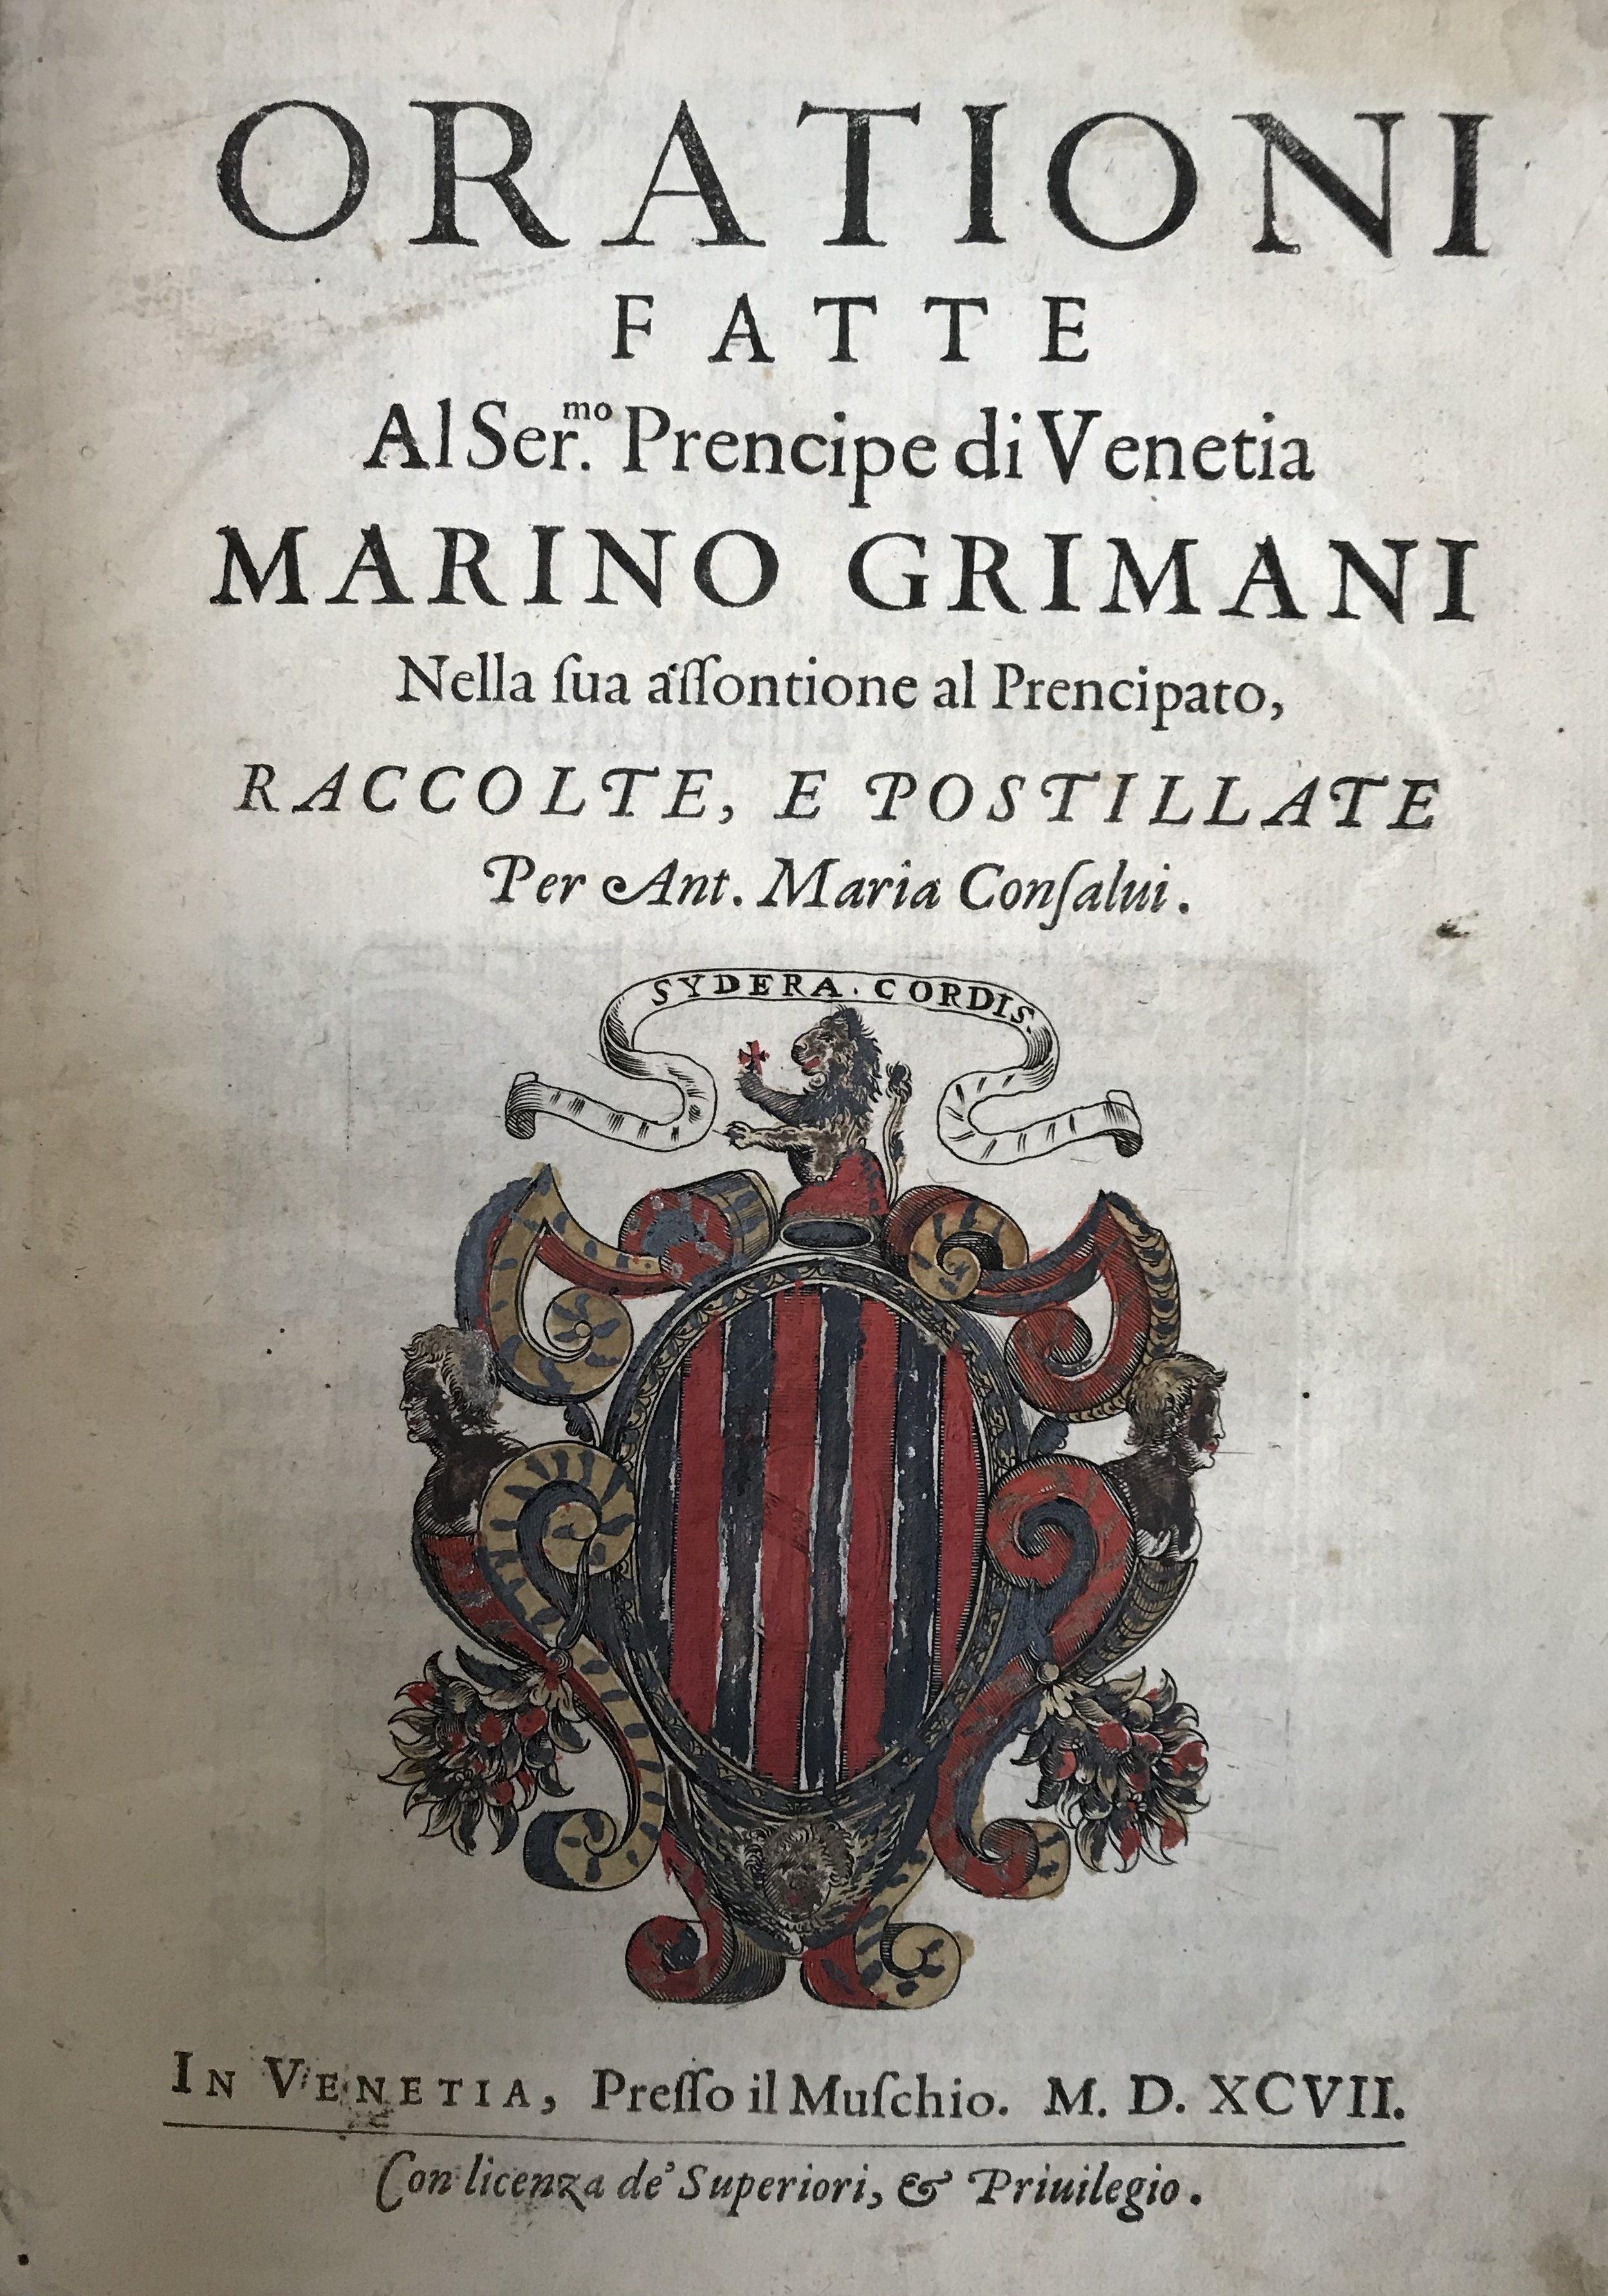 CONSALVI, Antonio Maria (Ed.)